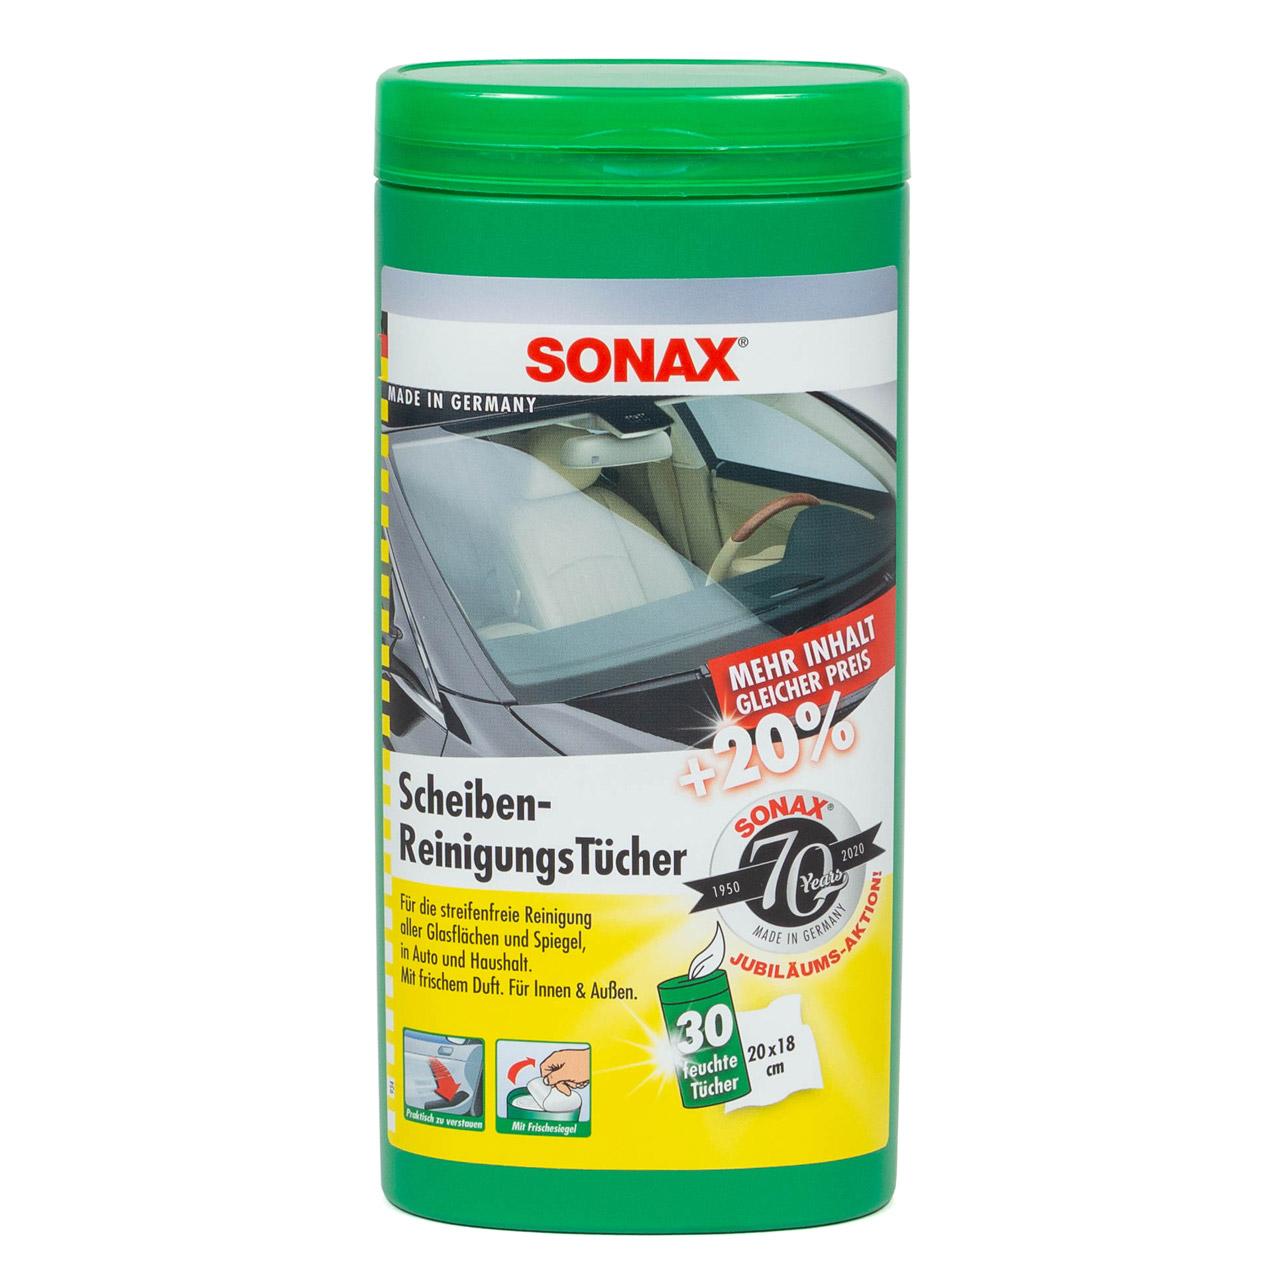 SONAX Scheibenreinigungstücher Box 412000 Reinigungstücher Autopflege 25 Stk